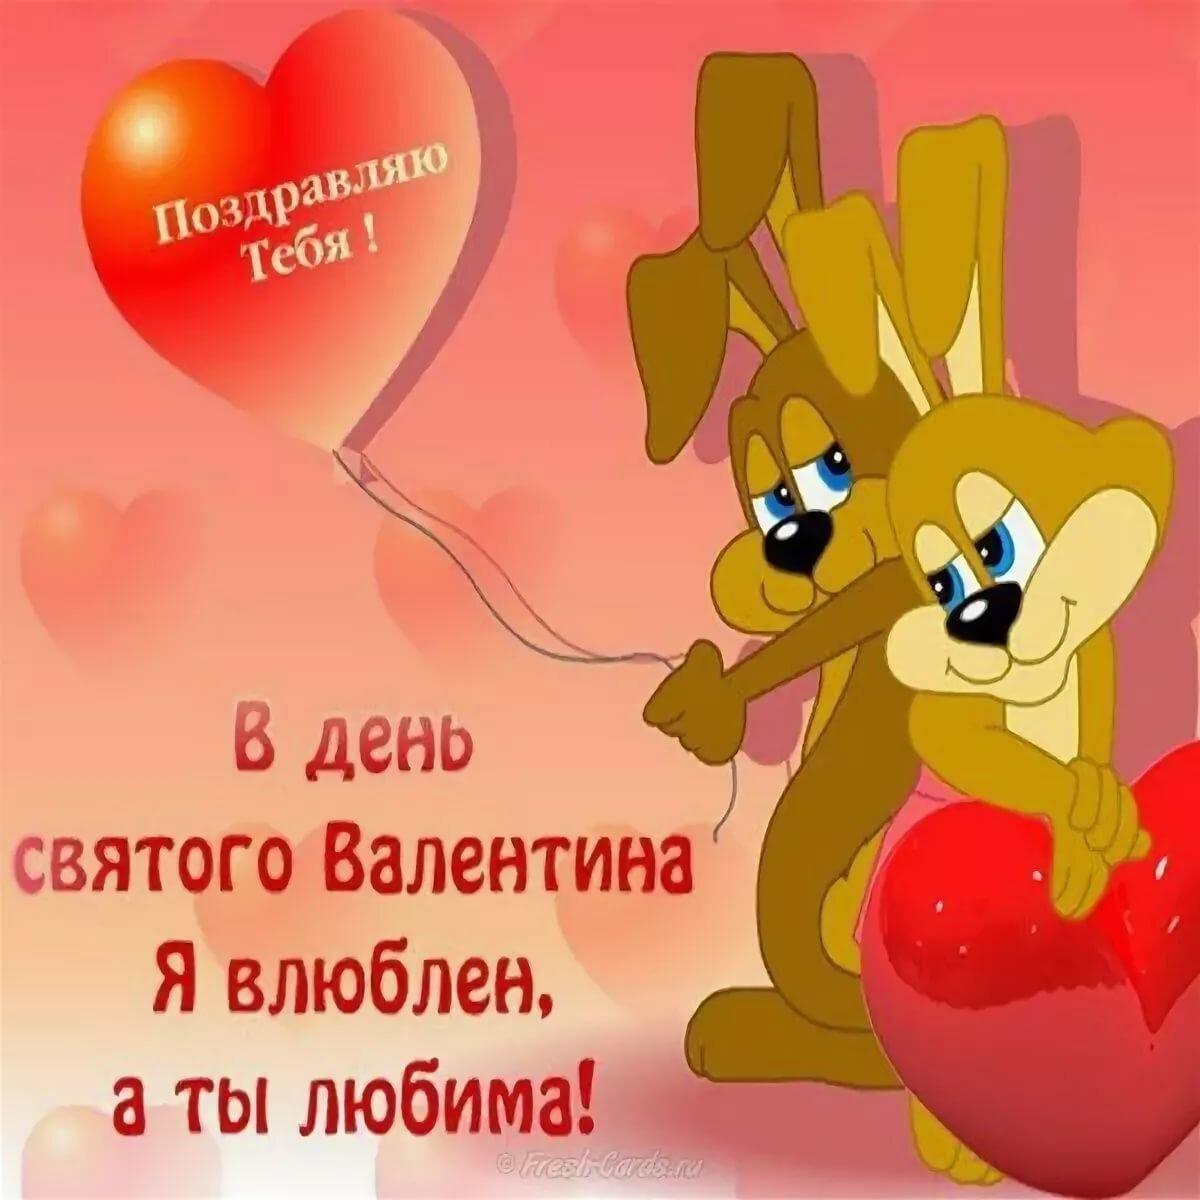 Поздравление девушке с днем святого валентина прикольные